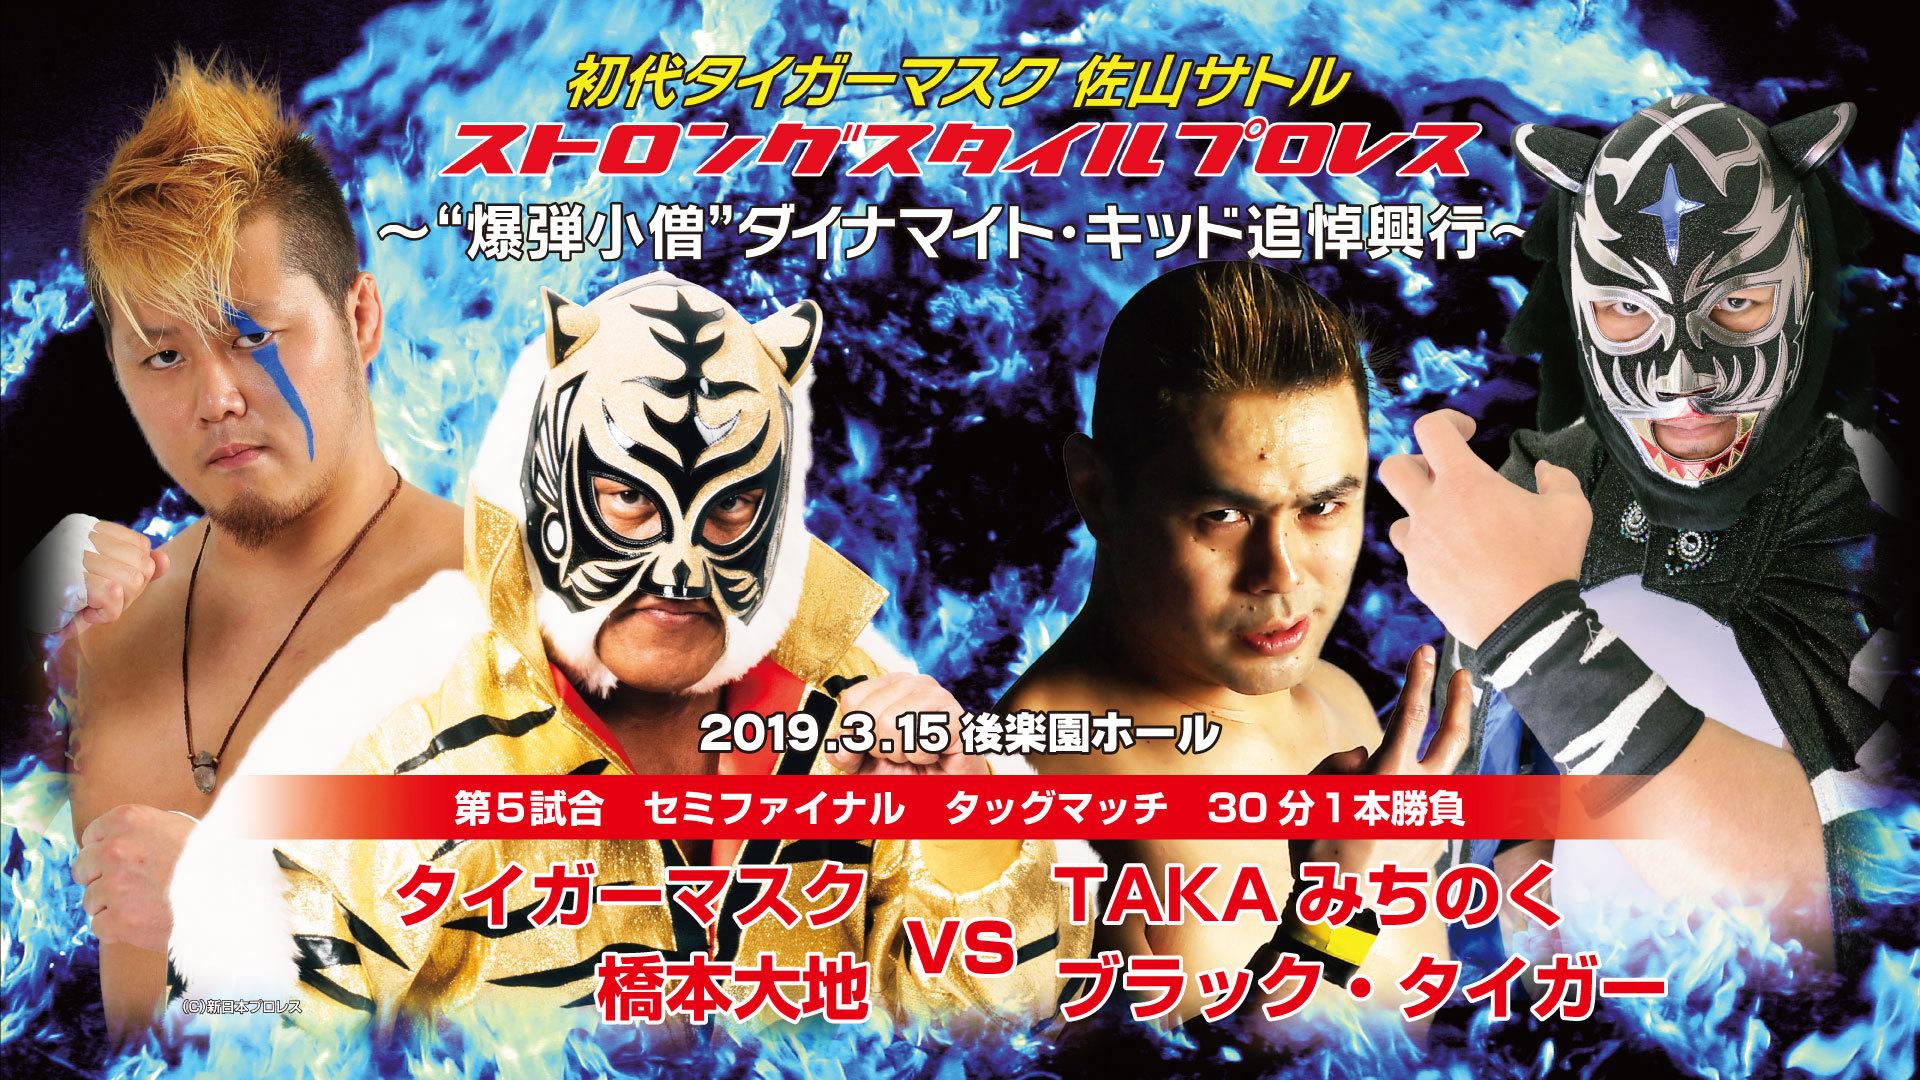 セミファイナルはタイガーマスク(新日本プロレス)&橋本大地(大日本) vs TAKAみちのく(フリー)&ブラック・タイガー